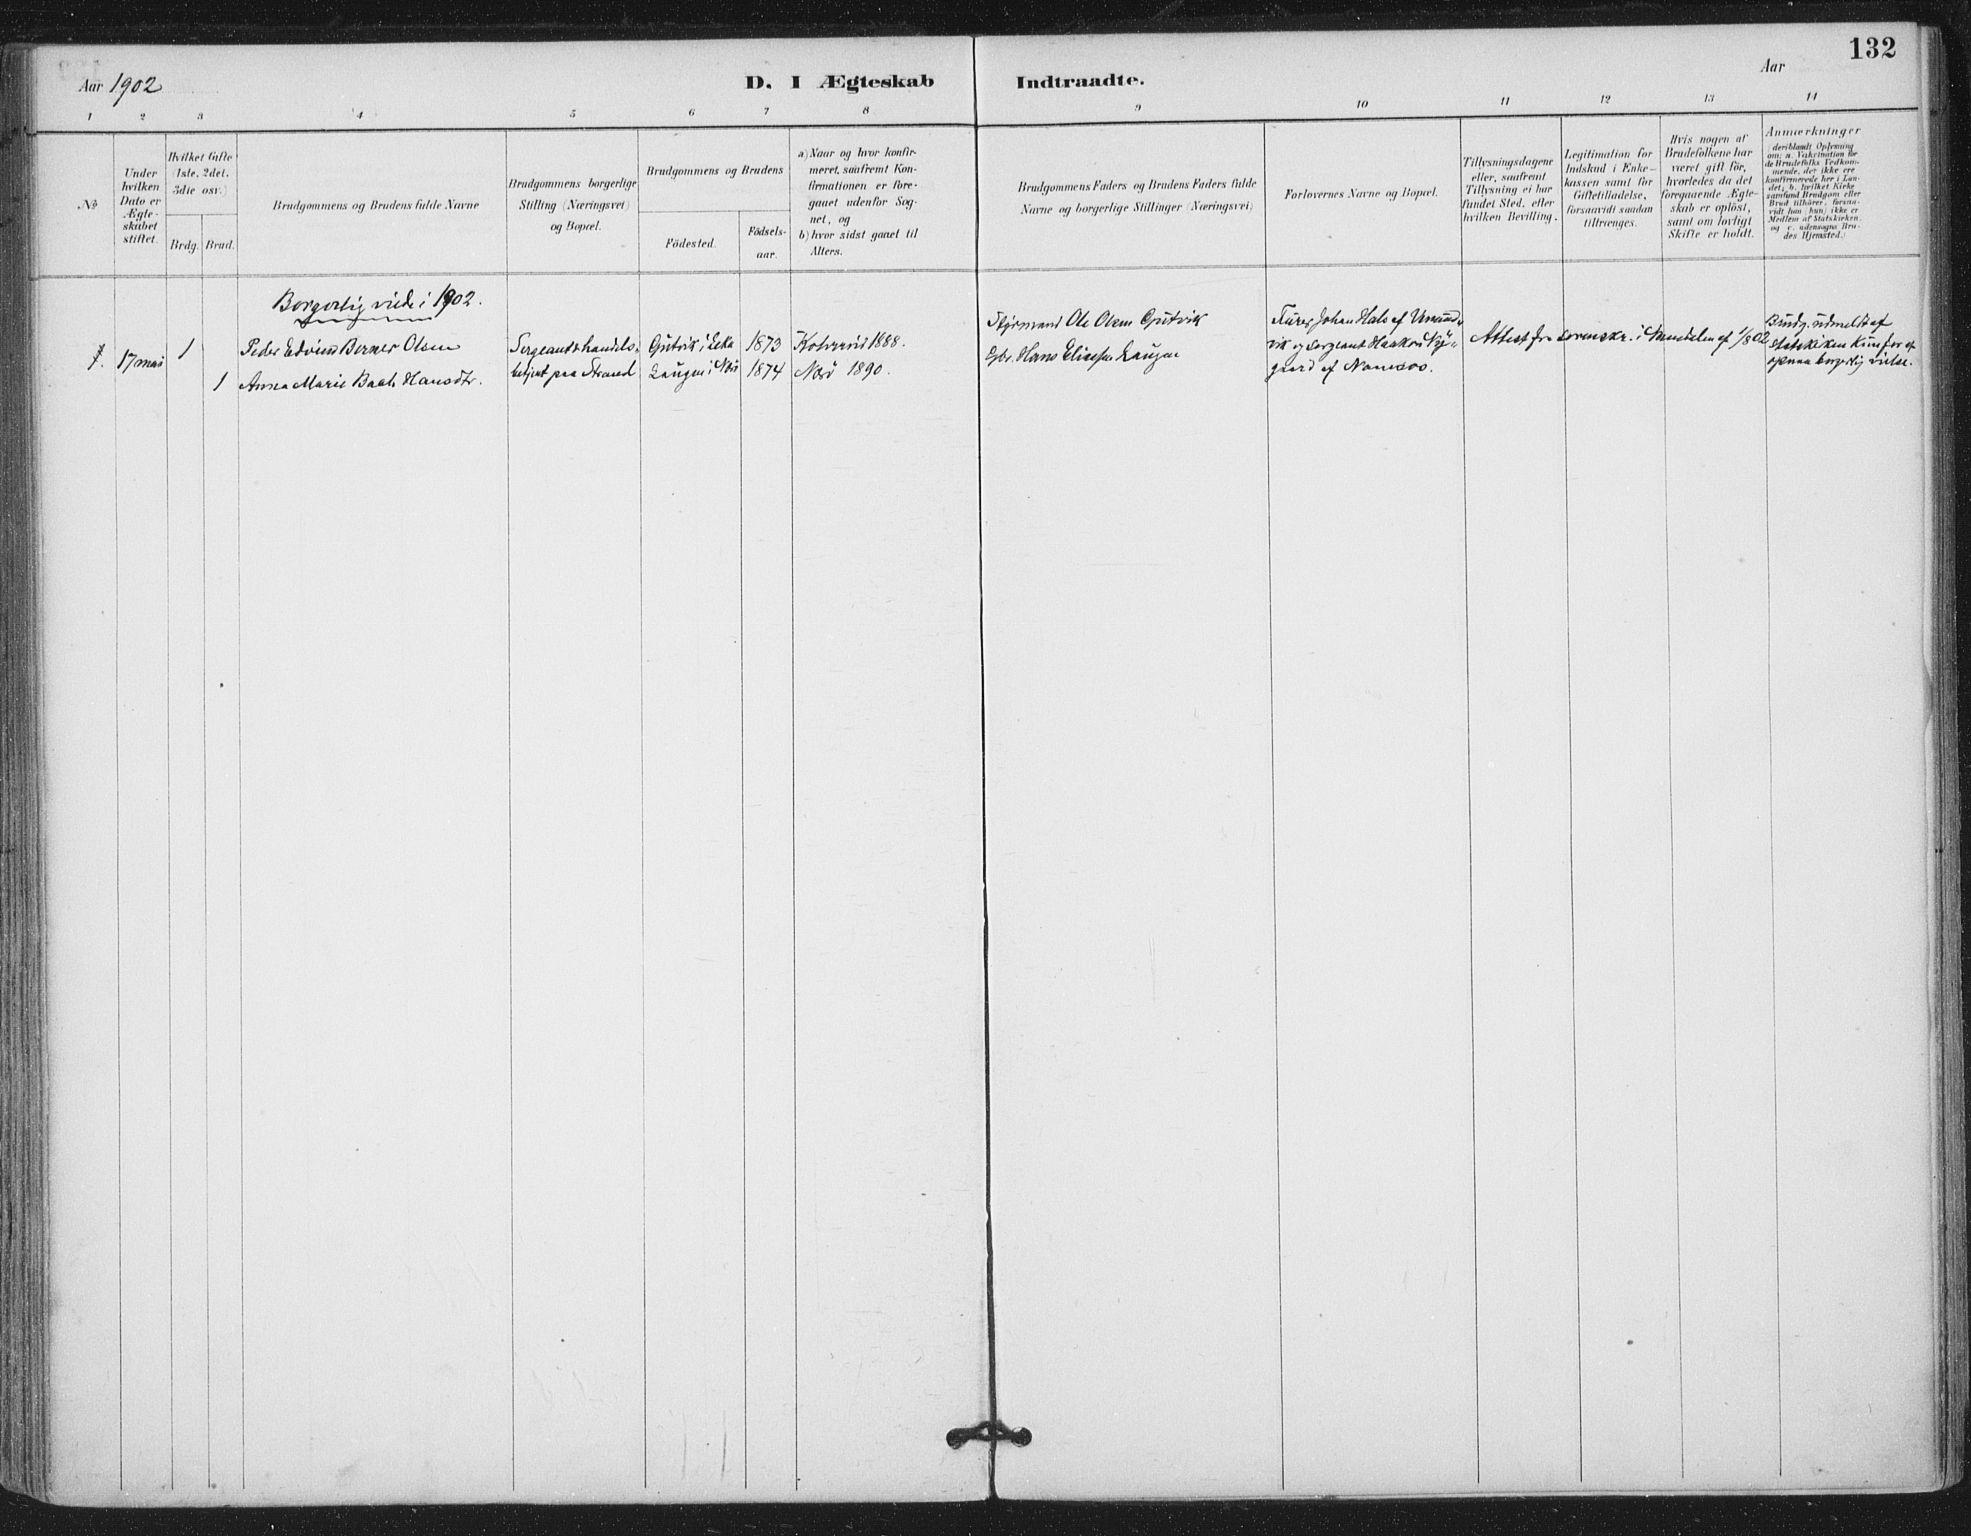 SAT, Ministerialprotokoller, klokkerbøker og fødselsregistre - Nord-Trøndelag, 780/L0644: Ministerialbok nr. 780A08, 1886-1903, s. 132